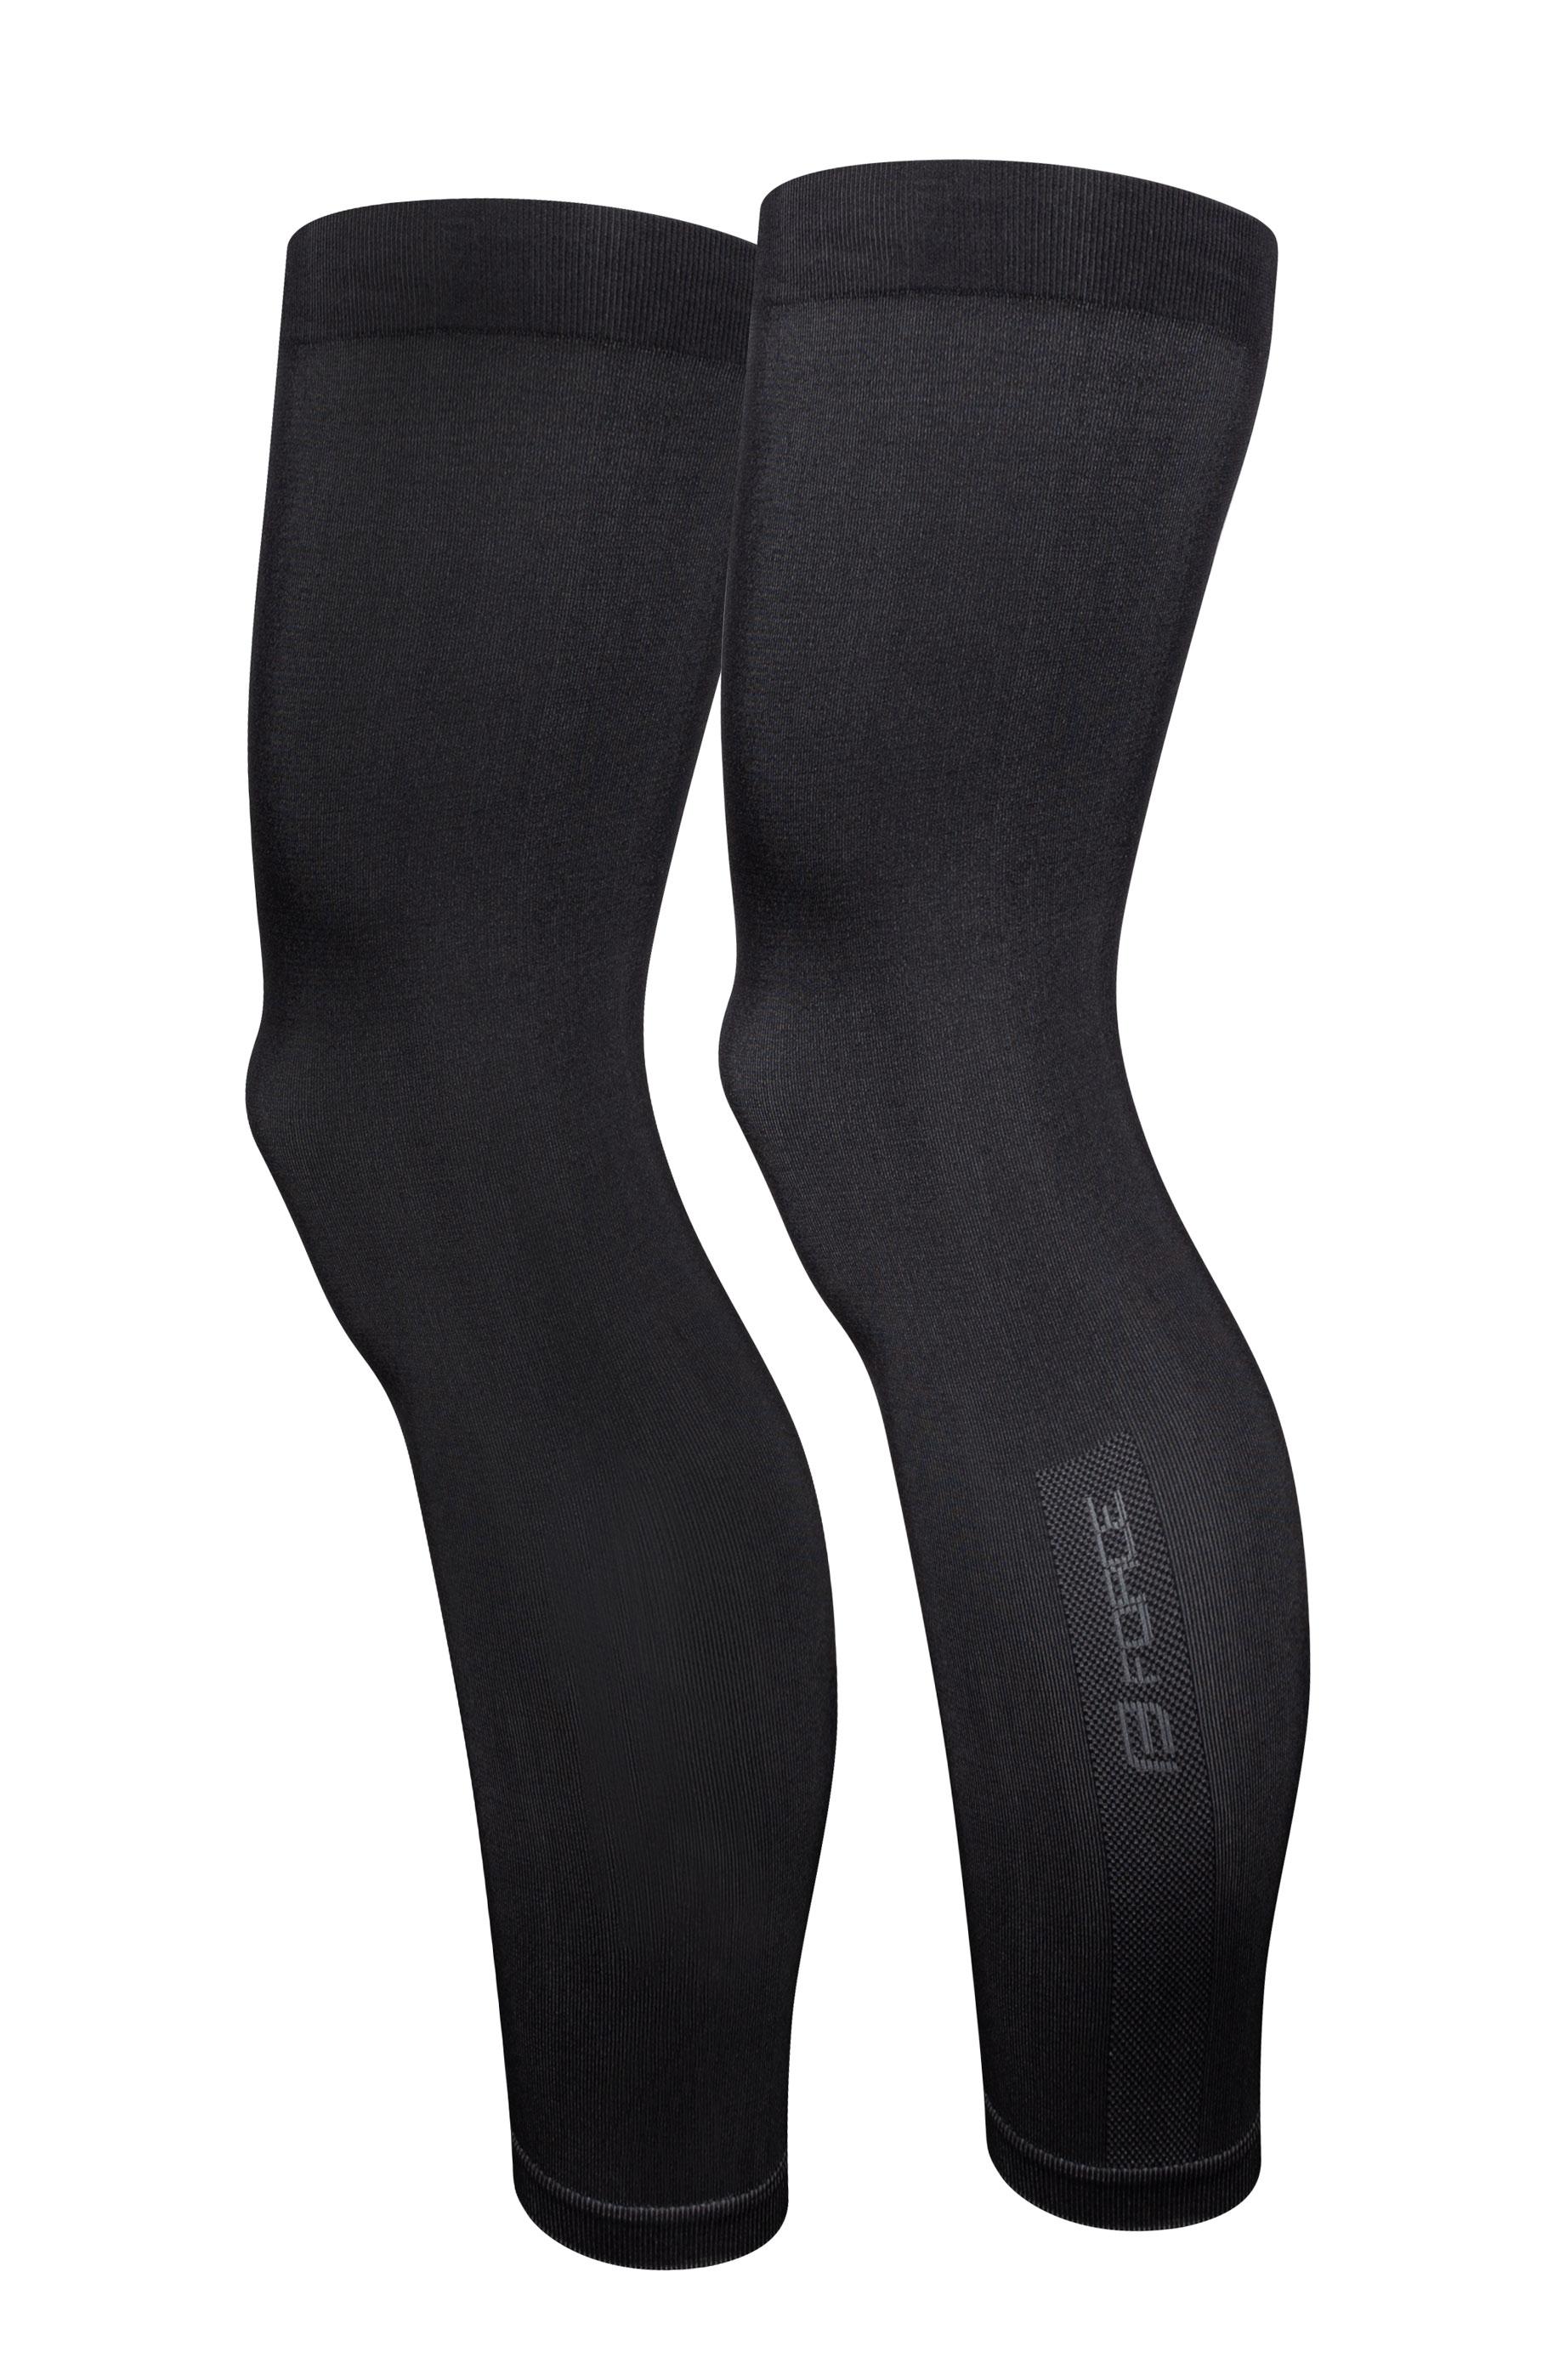 návleky na nohy FORCE BREEZE pletené, černé XL-XXL